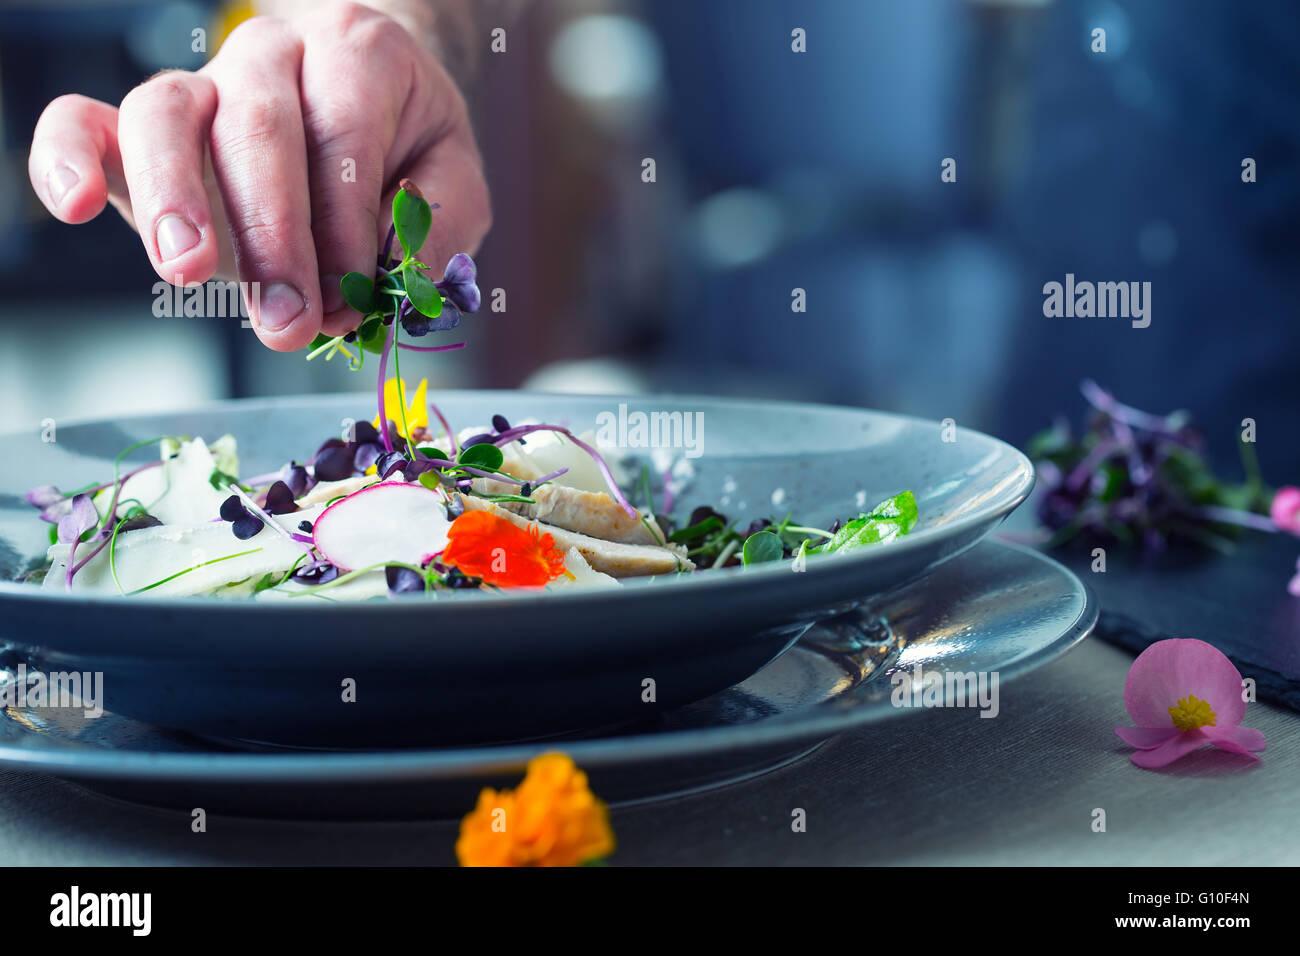 Küchenchef im Hotel oder Restaurant Küche kochen, nur die Hände. Er arbeitet an der Mikro-Kraut-Dekoration. Stockbild